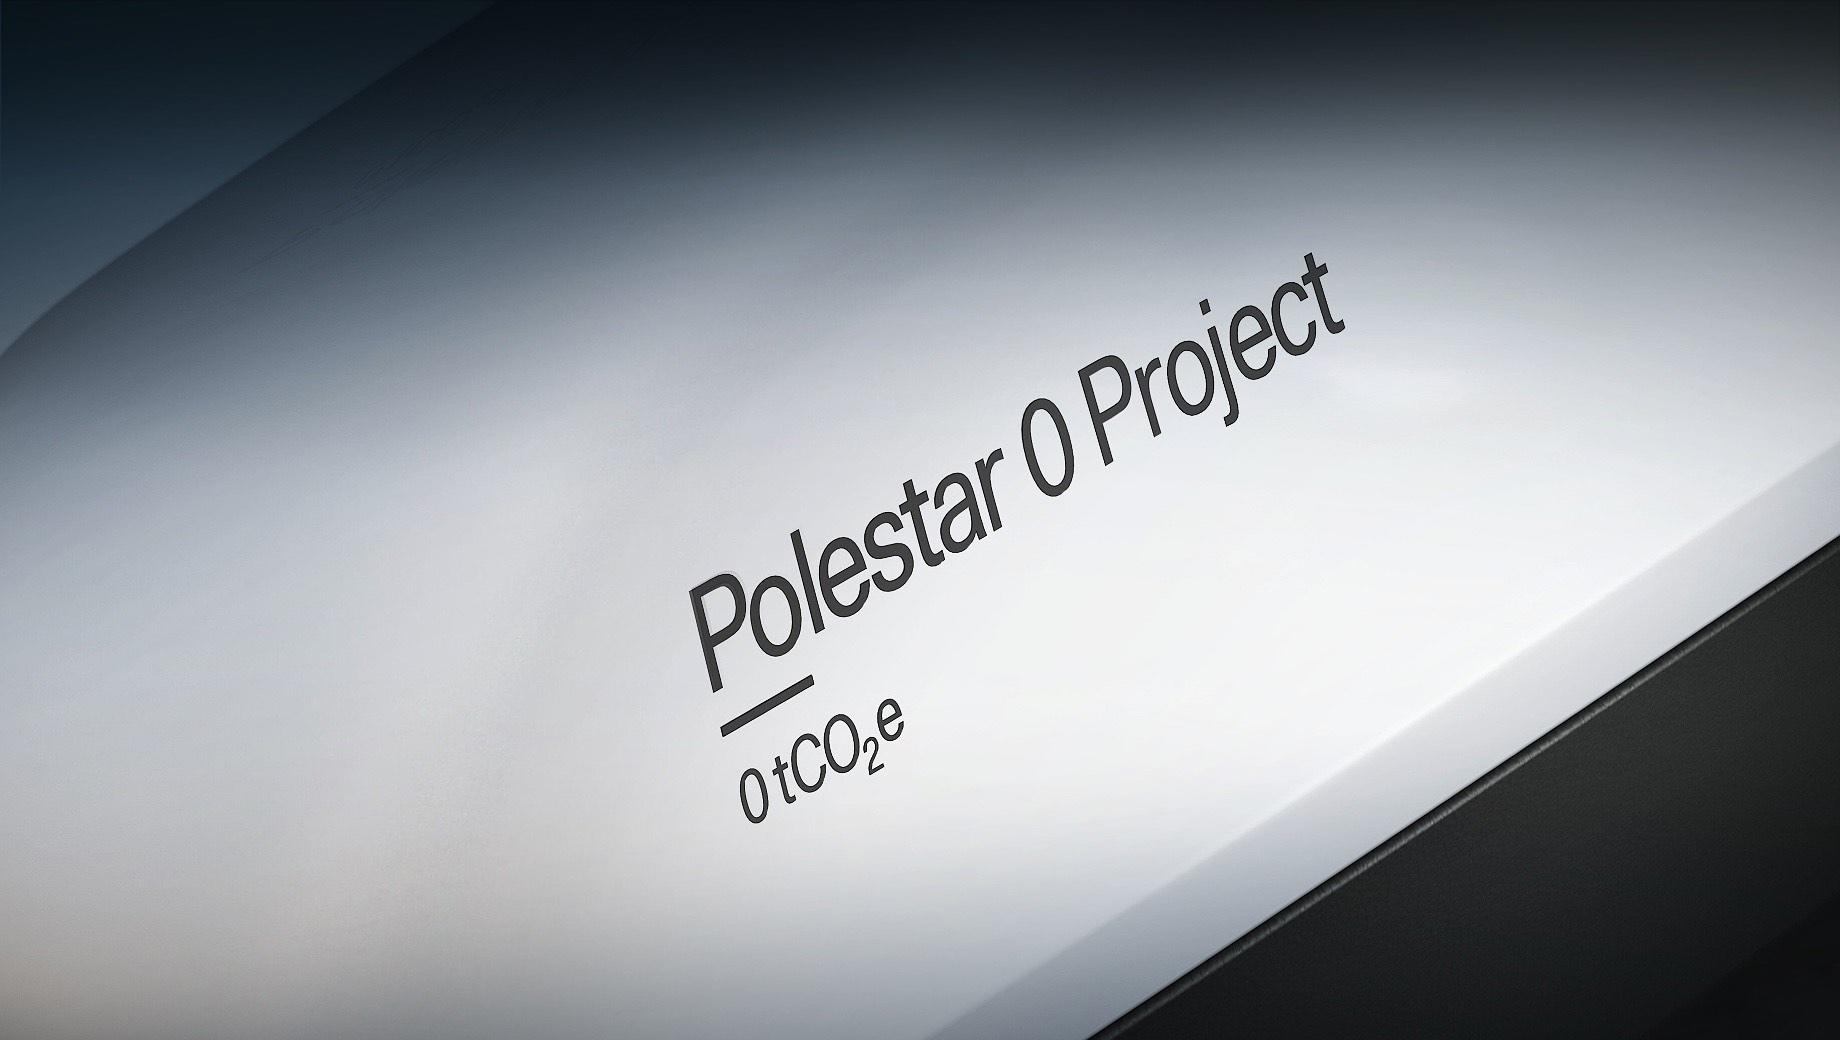 Проект Polestar 0 породит безвредный электромобиль